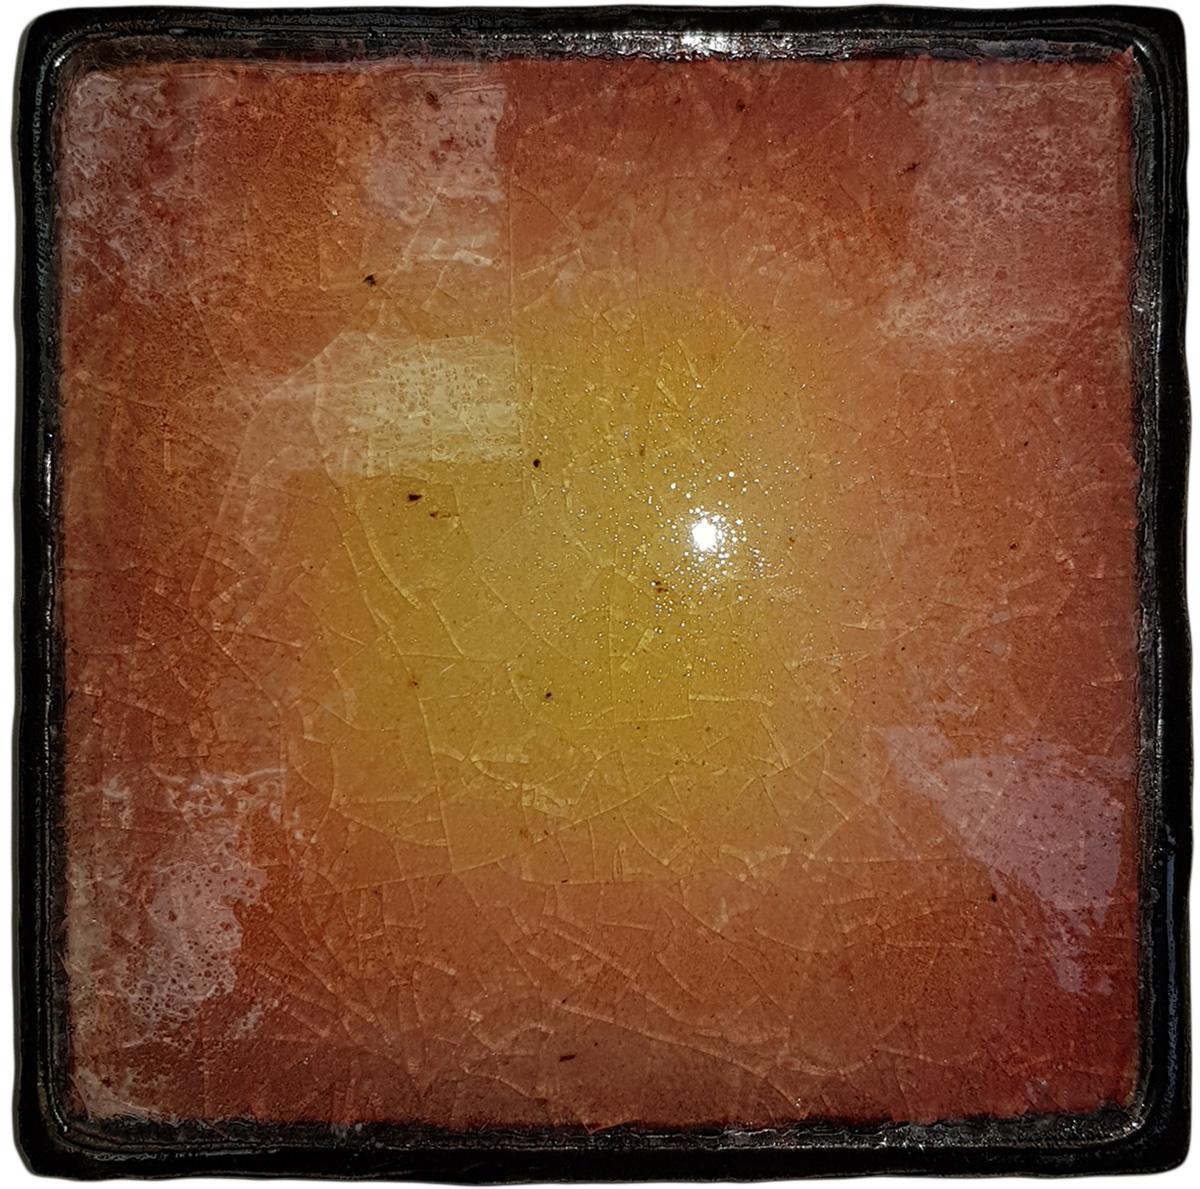 Керамическое панно ZORA Витражная мозаика, 15,2 х 15 см. Авторская работа. ZS-PL-SM4ZS-PL-SM4Керамическое панно ZORA Витражная мозаика, размер: 15,2х15 см. Авторская работа.Товар может быть использован как панно, подставка под горячее, плитка для украшения уличных мангалов и беседки.Цветное стекло, три обжига, шамот.